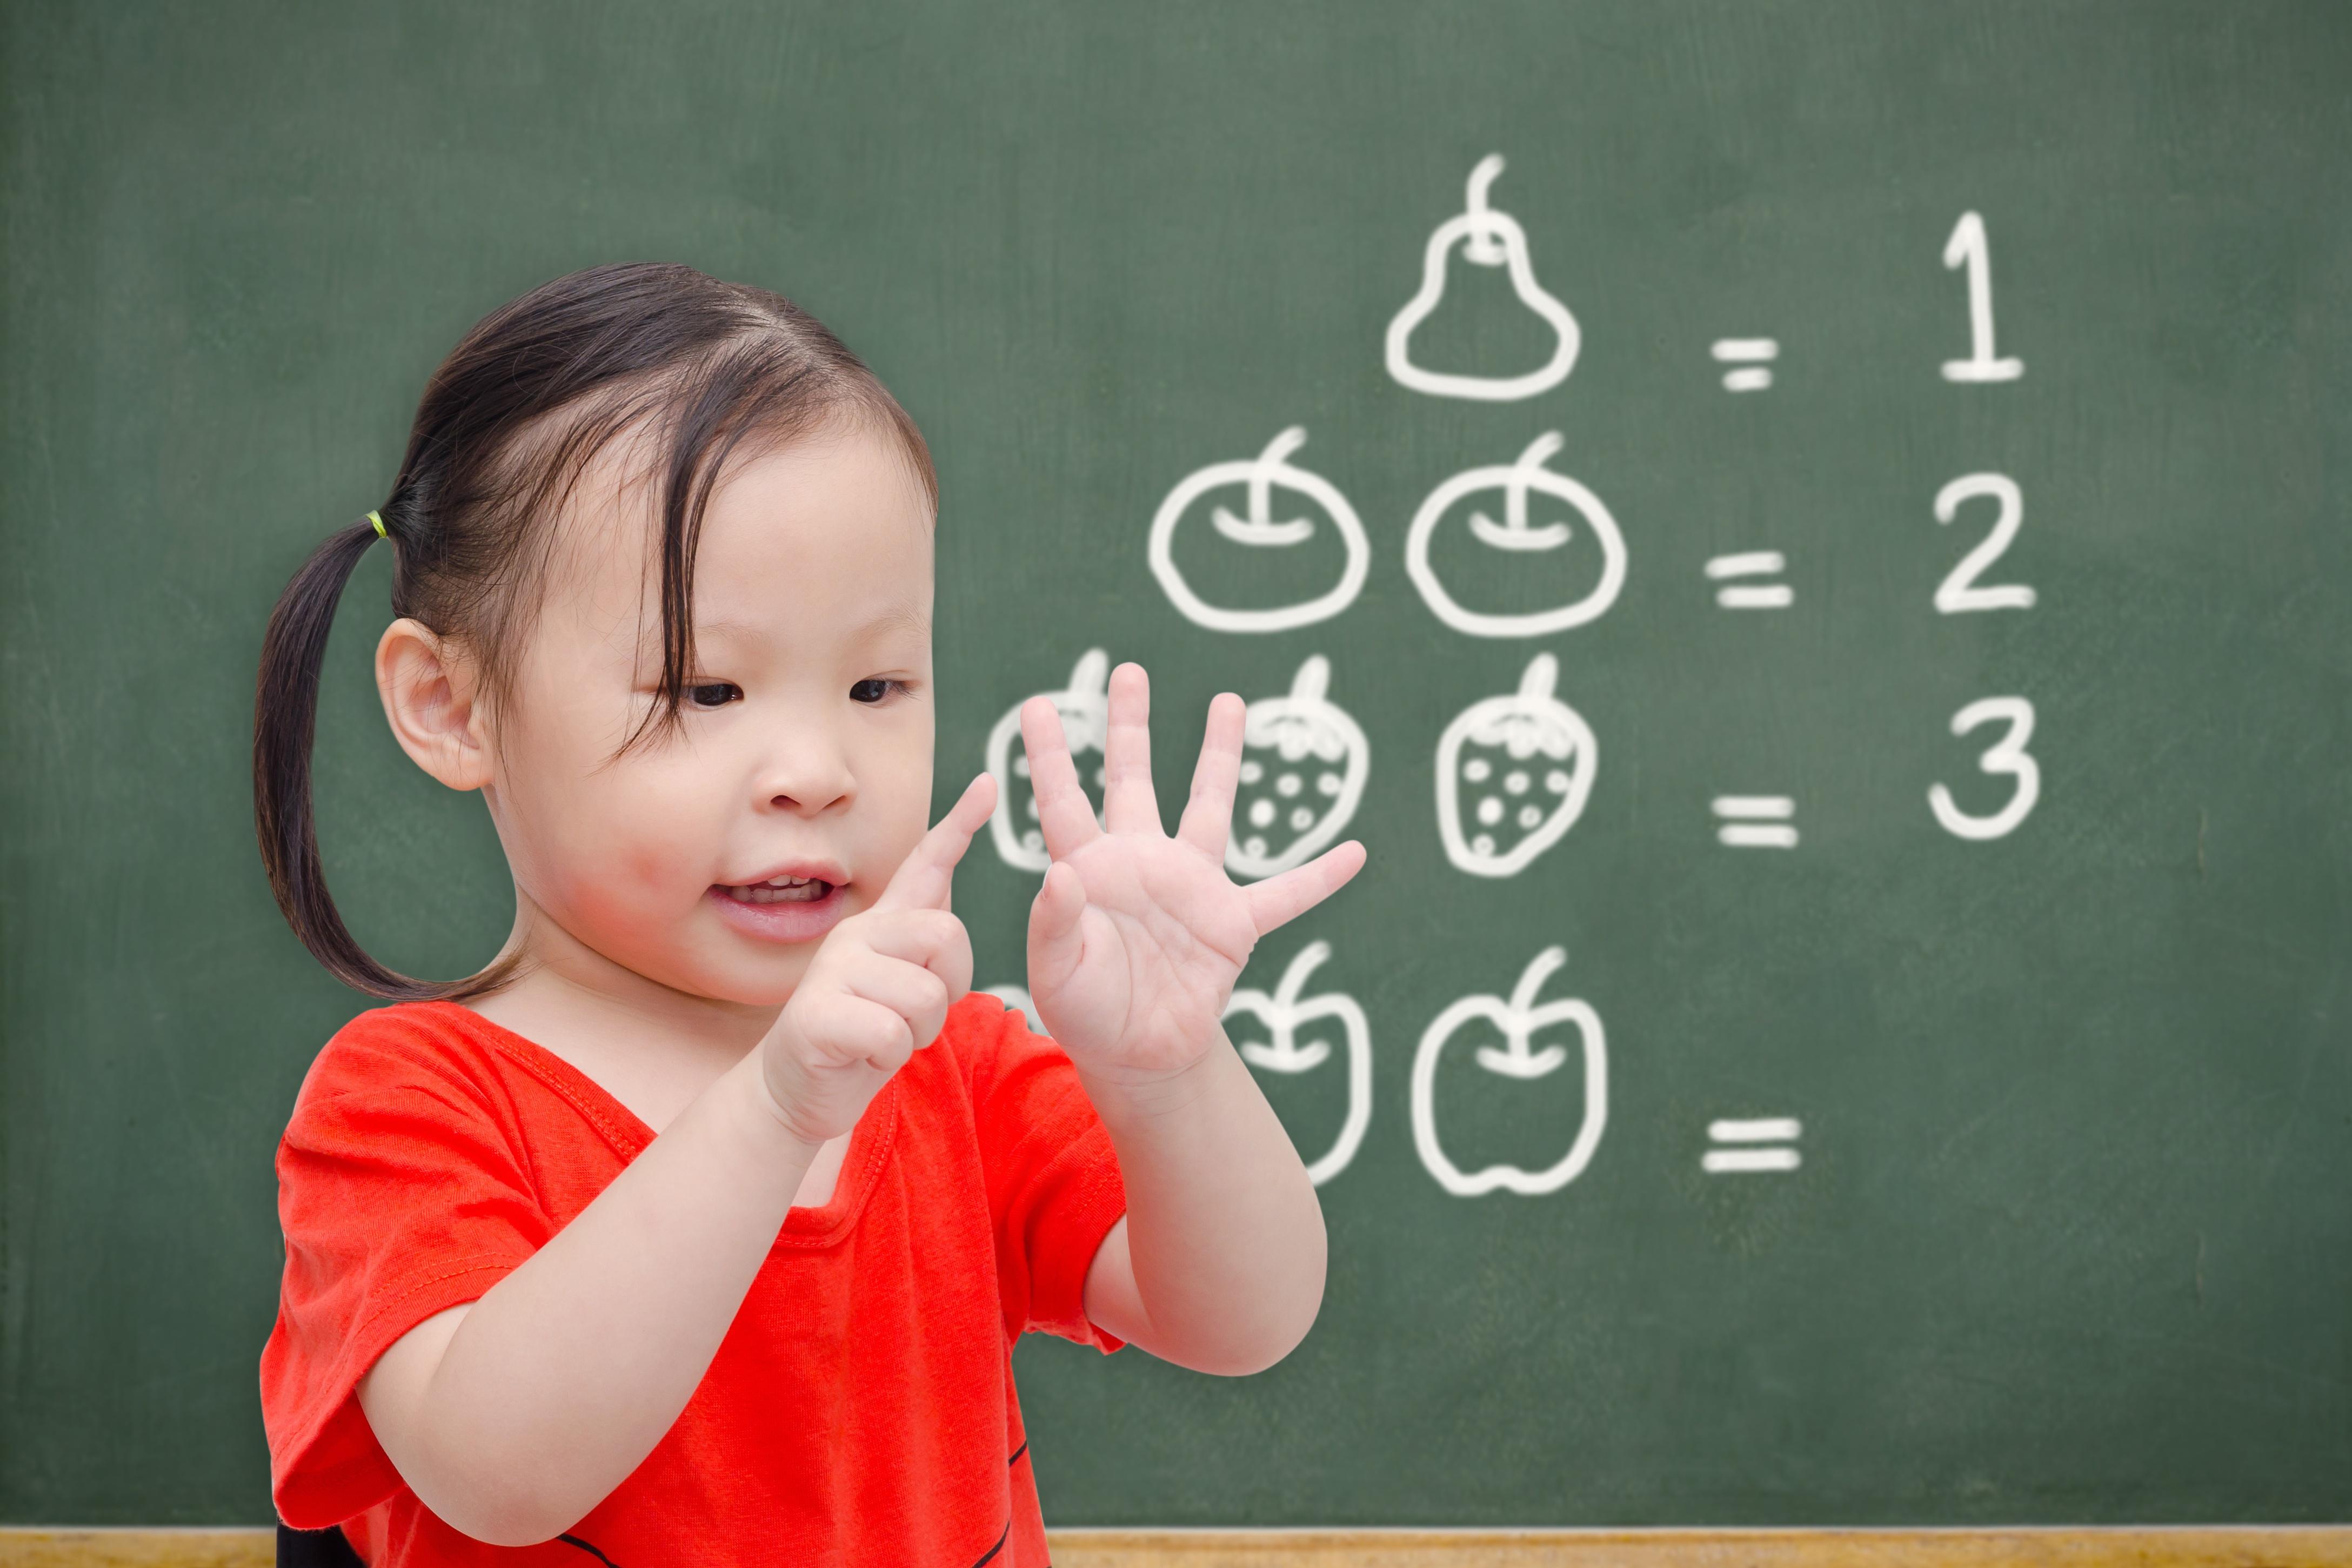 Về cơ bản, đầu càng lớn thì sau này trẻ sẽ càng thông minh (Ảnh minh họa).